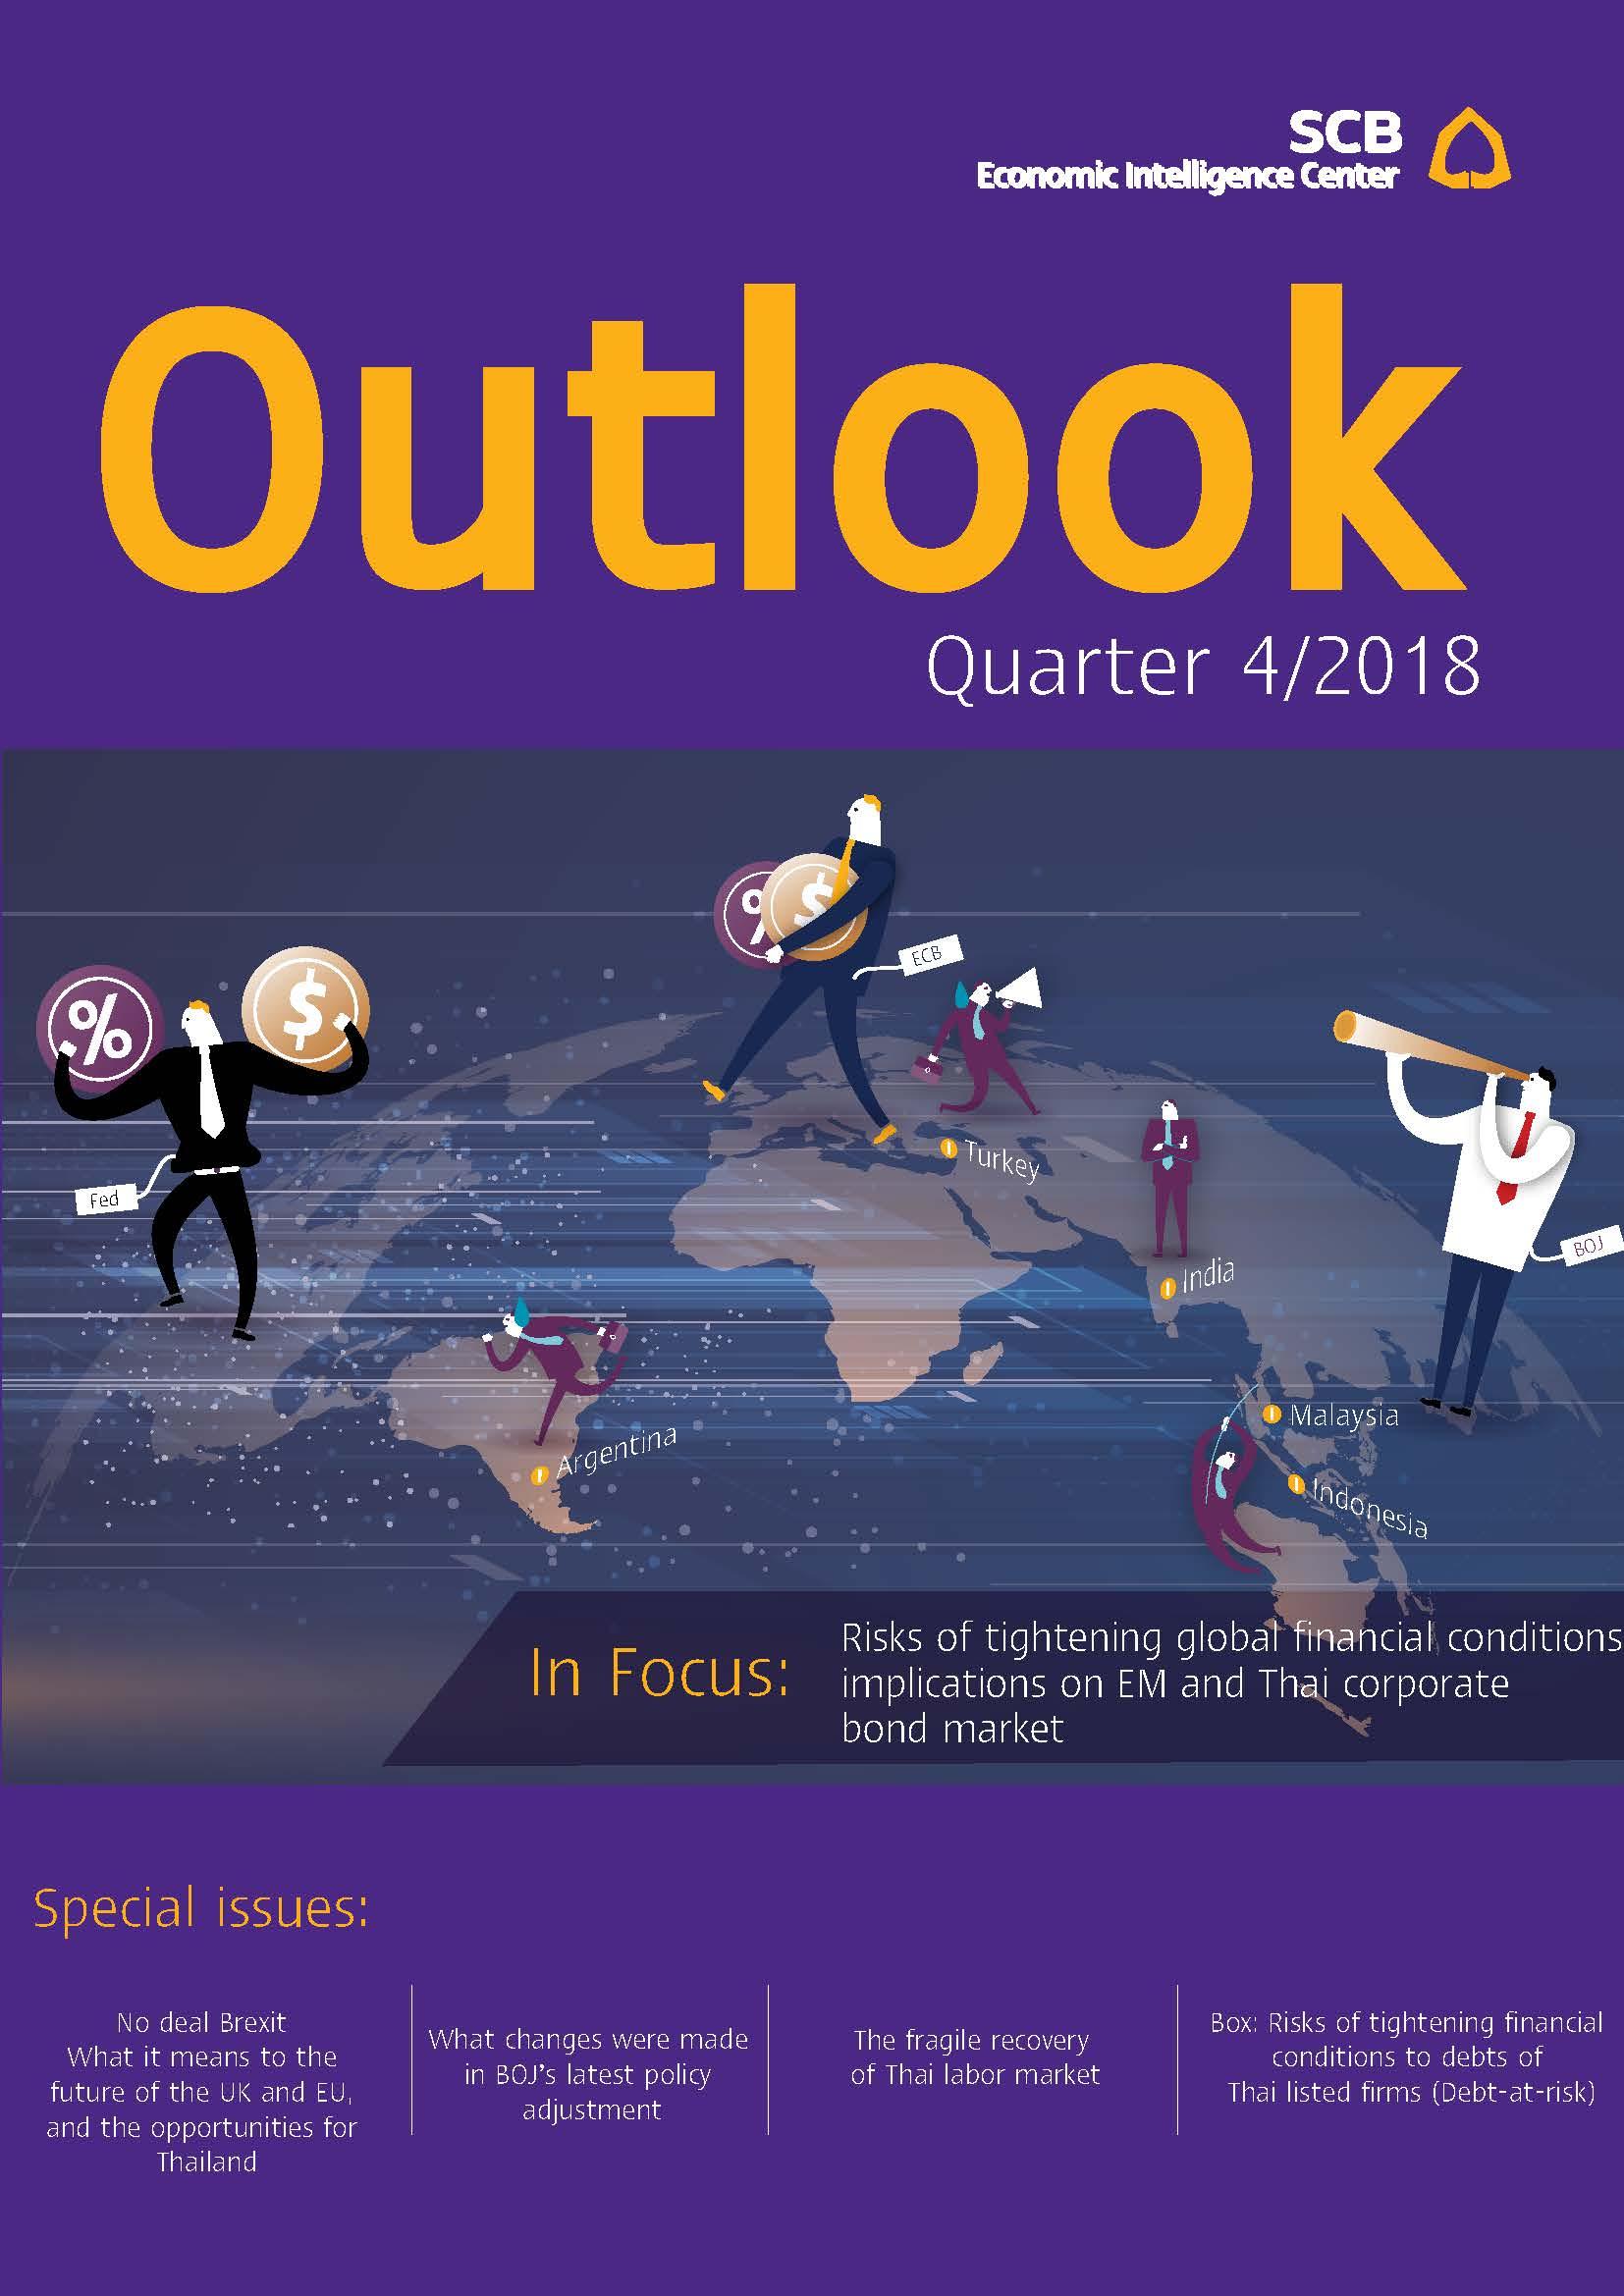 Outlook Quarter 4/2018 | Economic Intelligence Center (EIC)